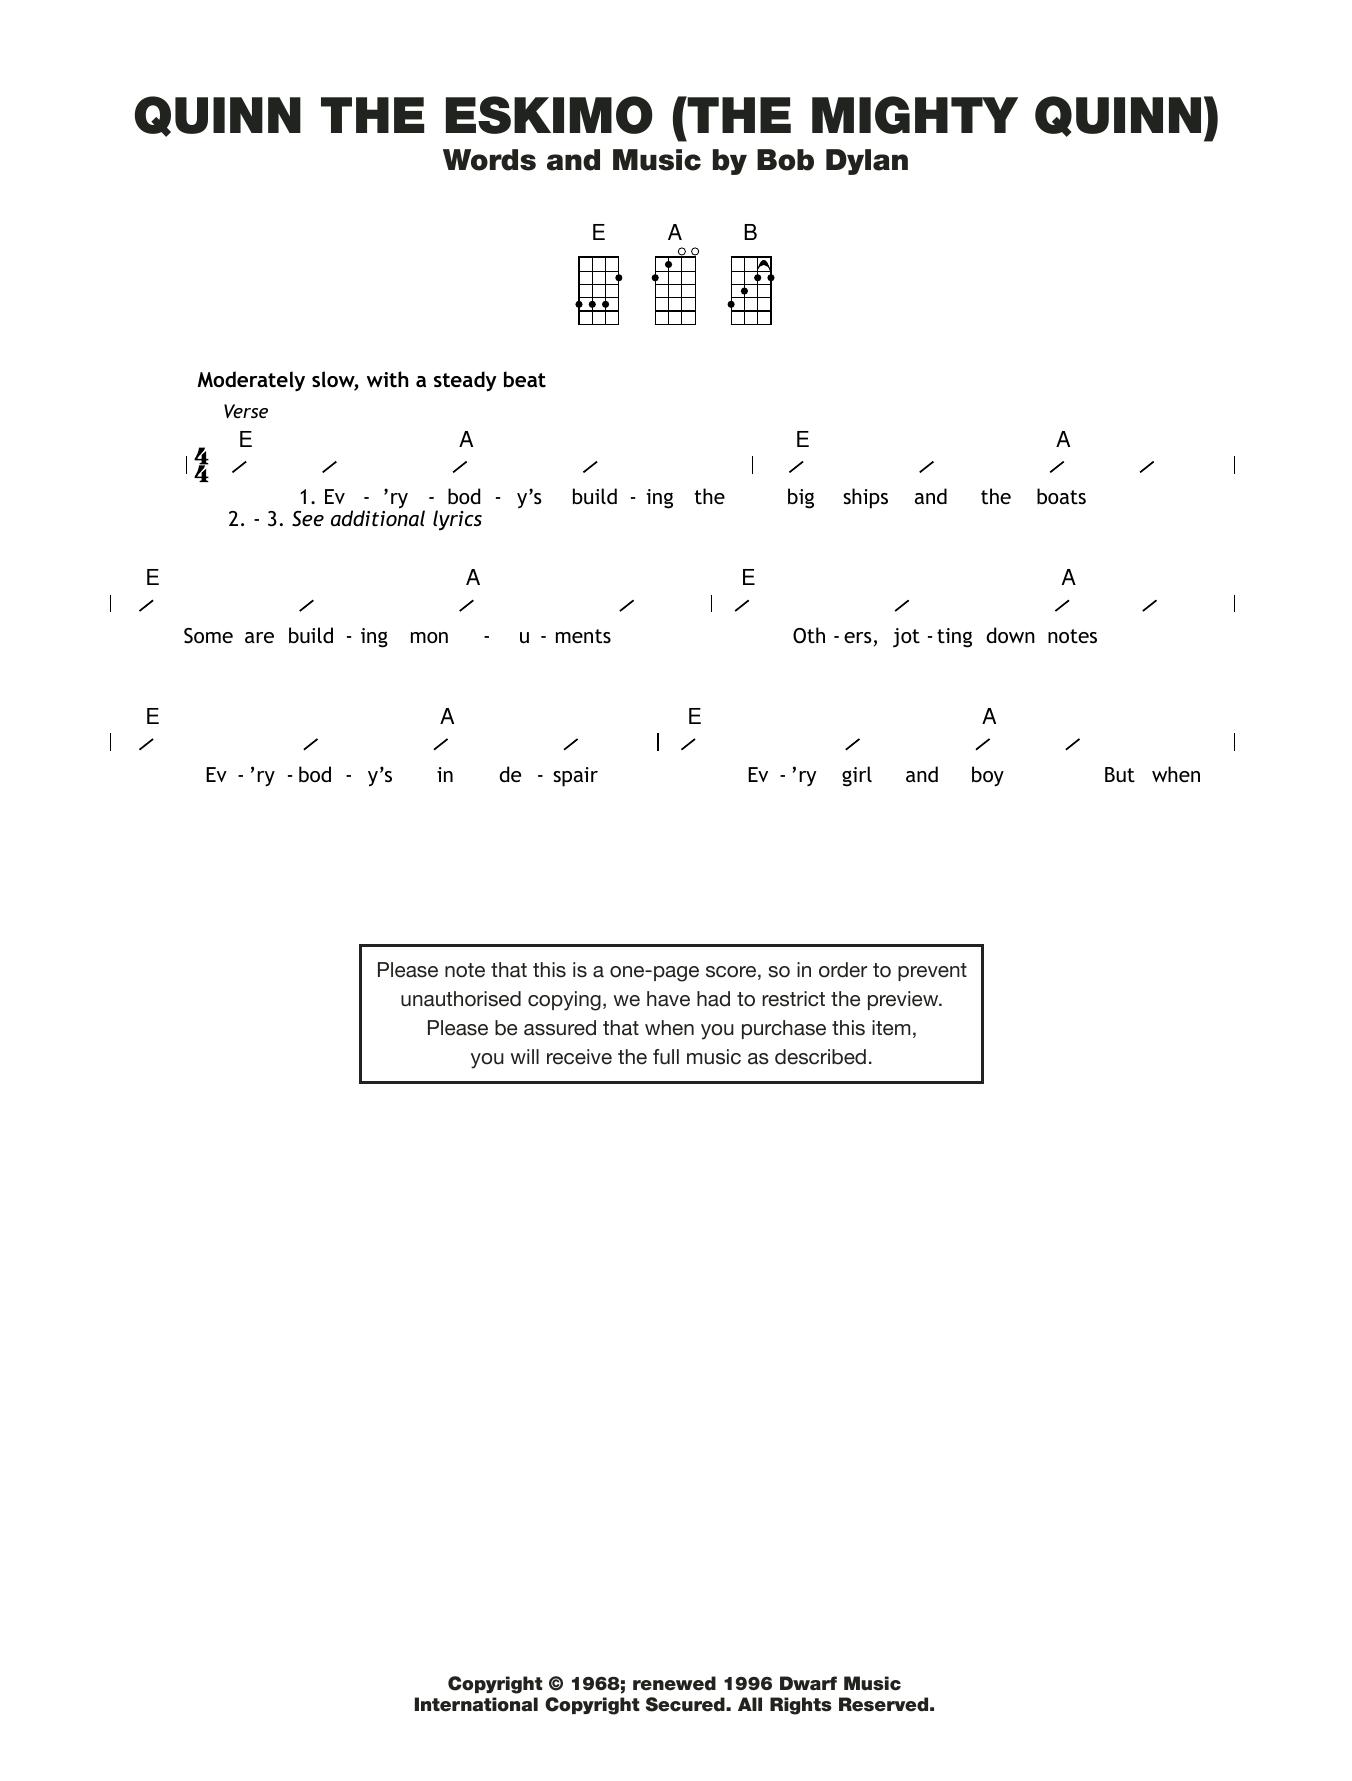 Quinn The Eskimo (The Mighty Quinn) Sheet Music